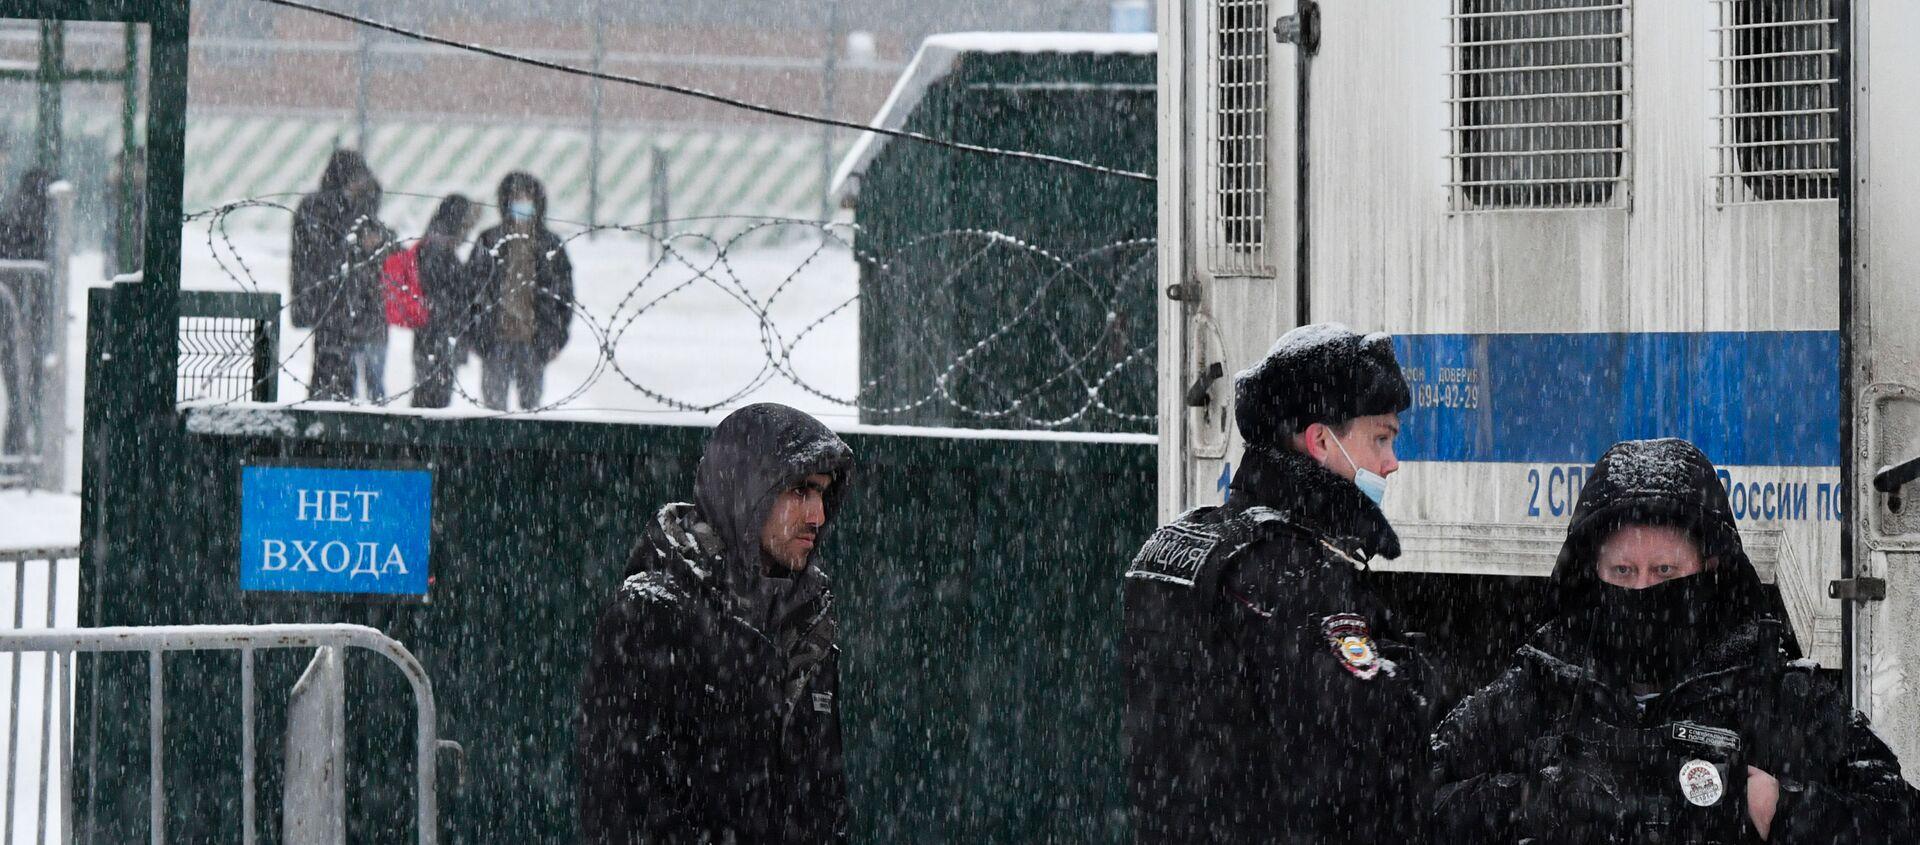 Centrum tymczasowego przetrzymywania cudzoziemców w Sachorowie, gdzie obecnie przebywają obywatele Federacji Rosyjskiej aresztowani administracyjnie po niesankcjonowanych akcjach zwolenników Aleksieja Nawalnego - Sputnik Polska, 1920, 05.02.2021